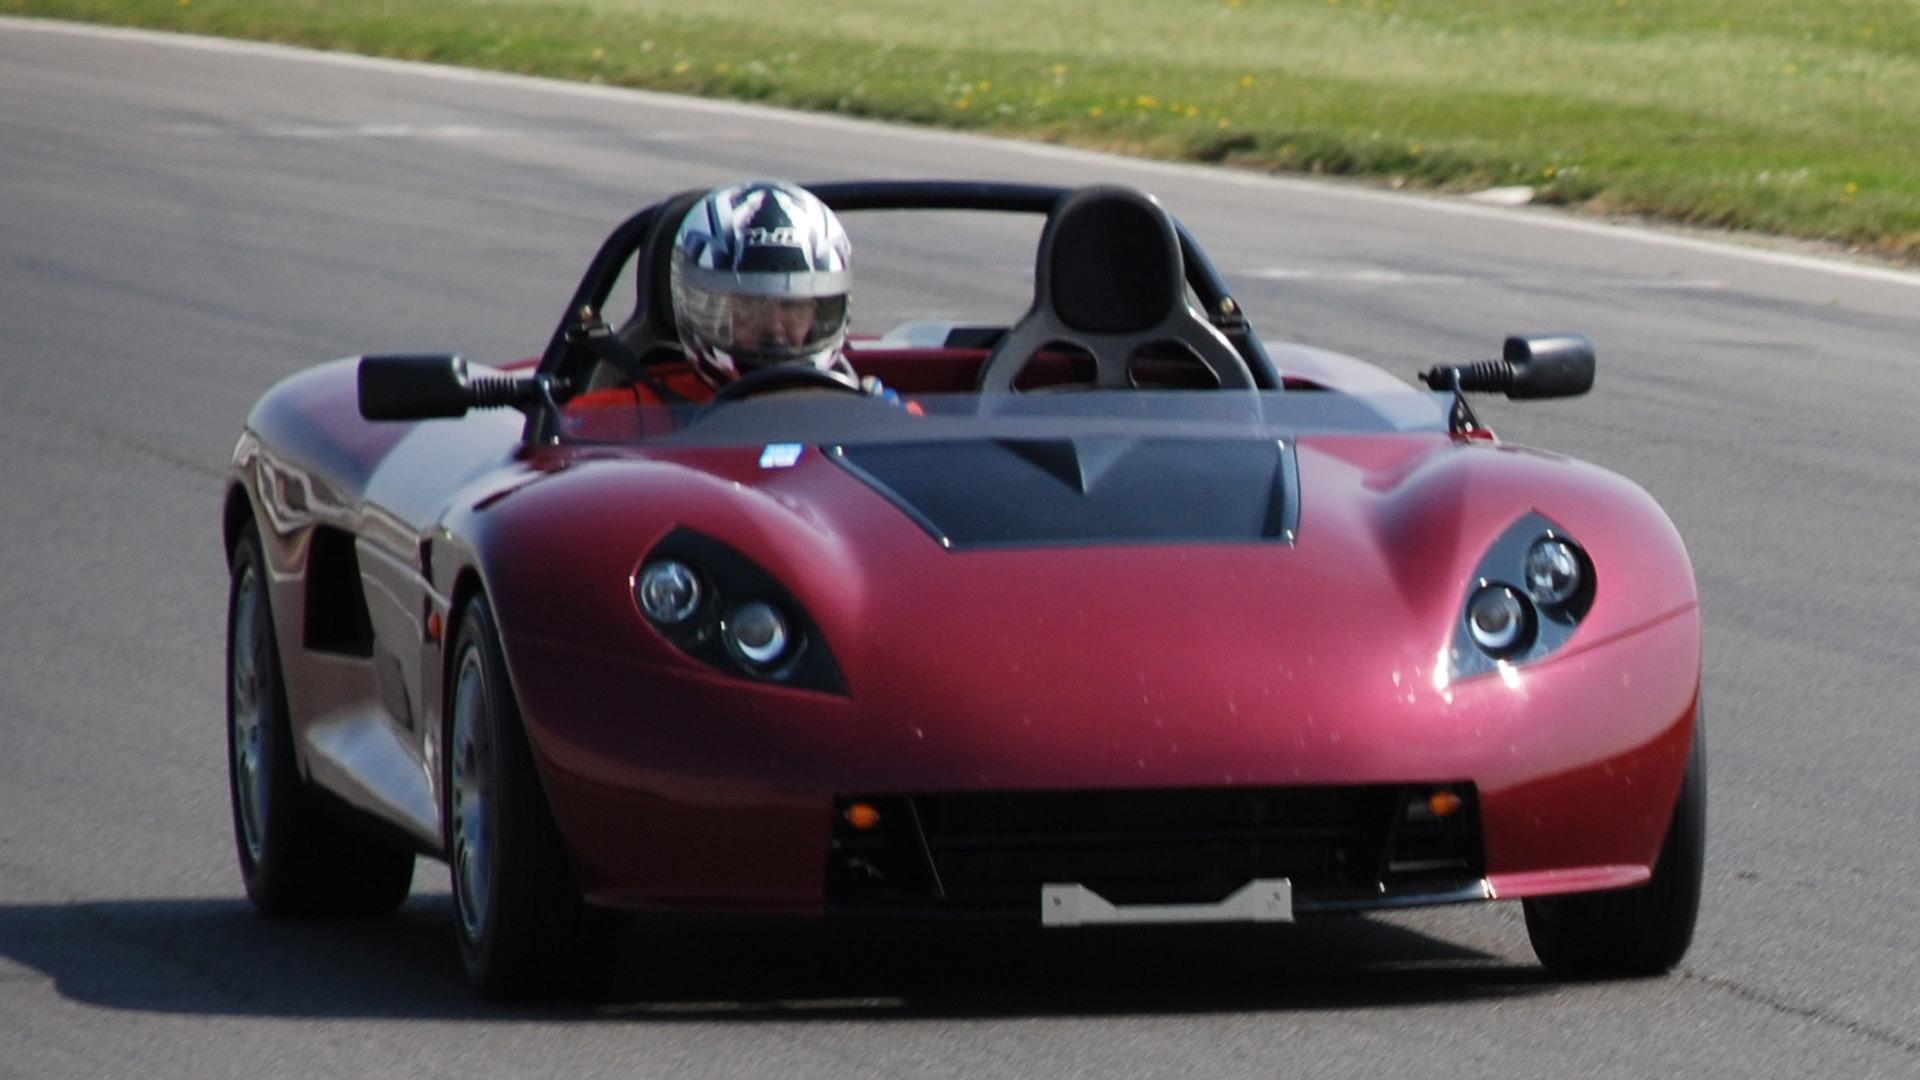 Avocet sports car